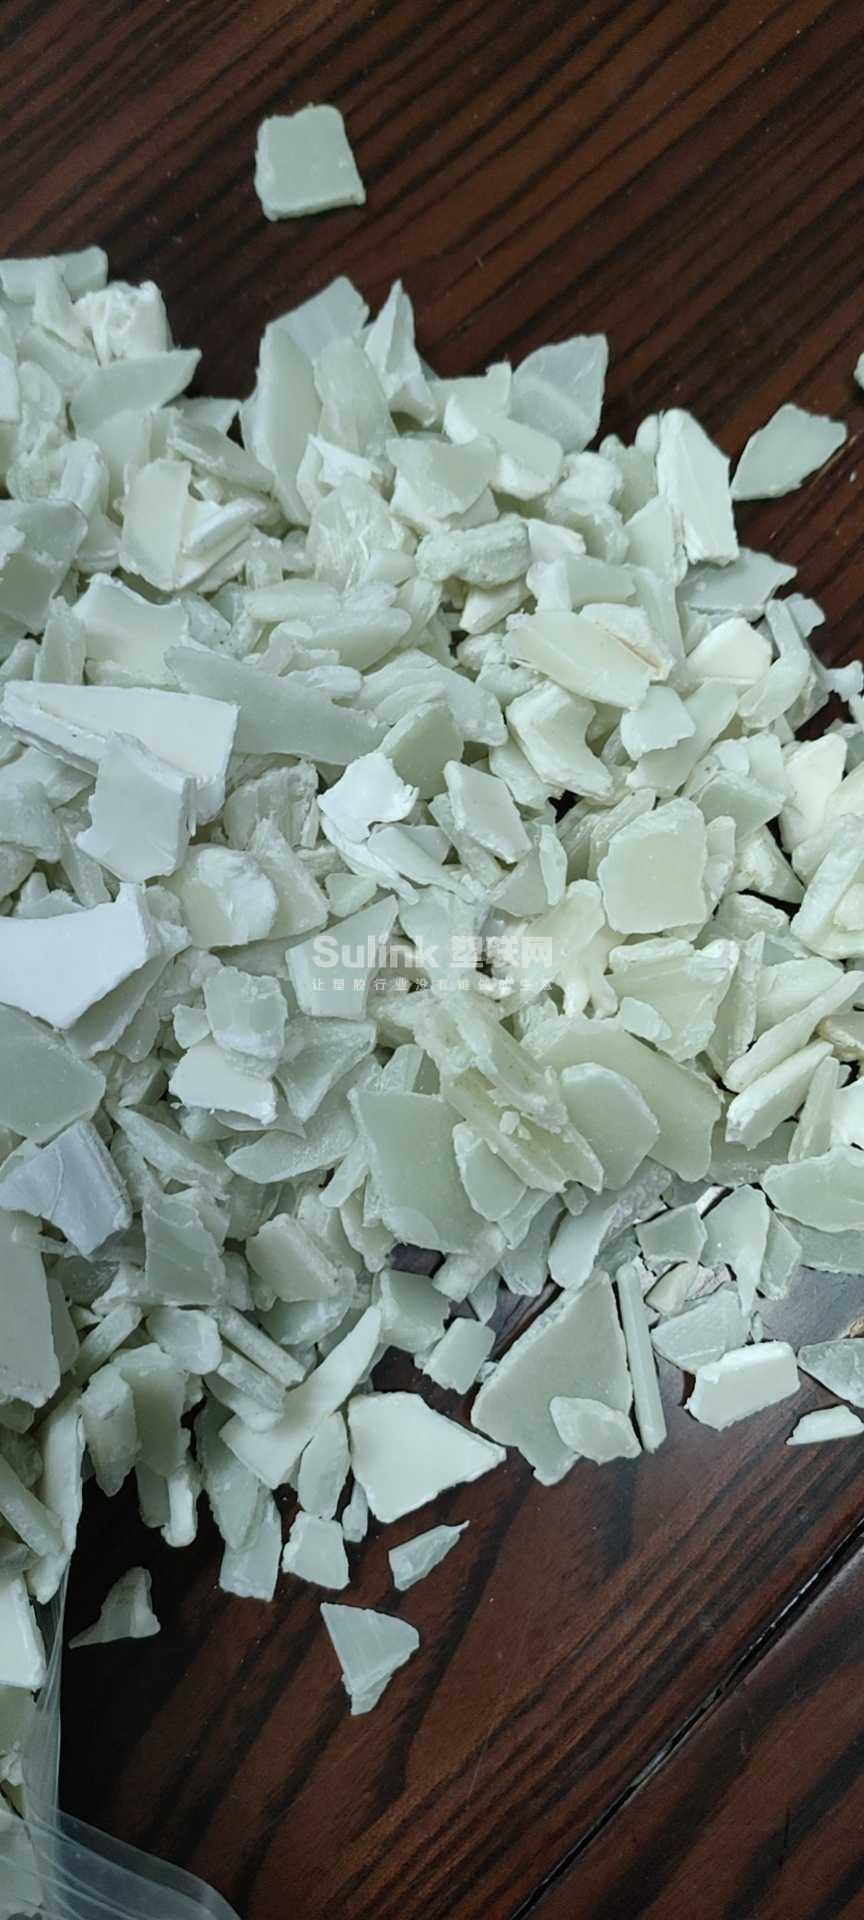 洗衣机桶破碎。- 塑联网 - 塑料联网信息服务平台